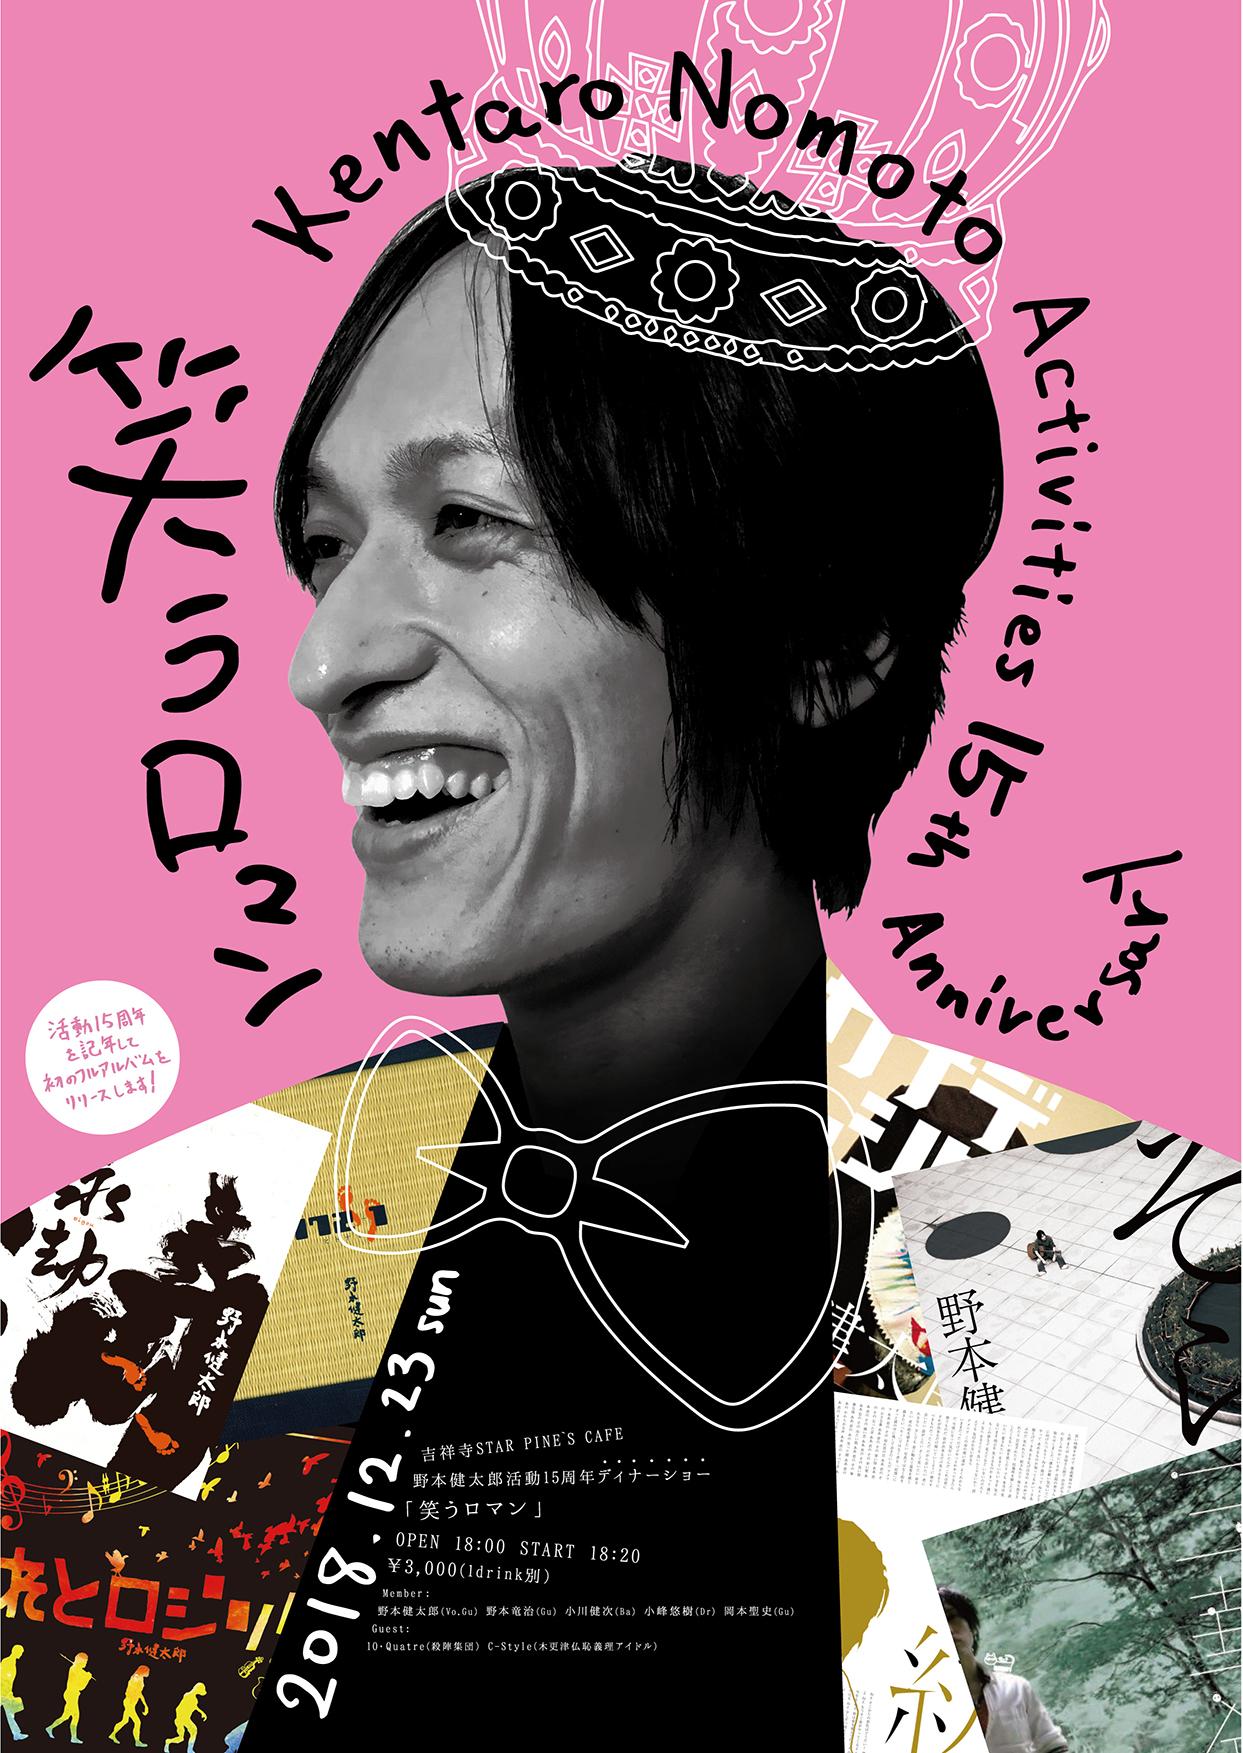 野本健太郎 活動15周年ディナーショー「笑うロマン」